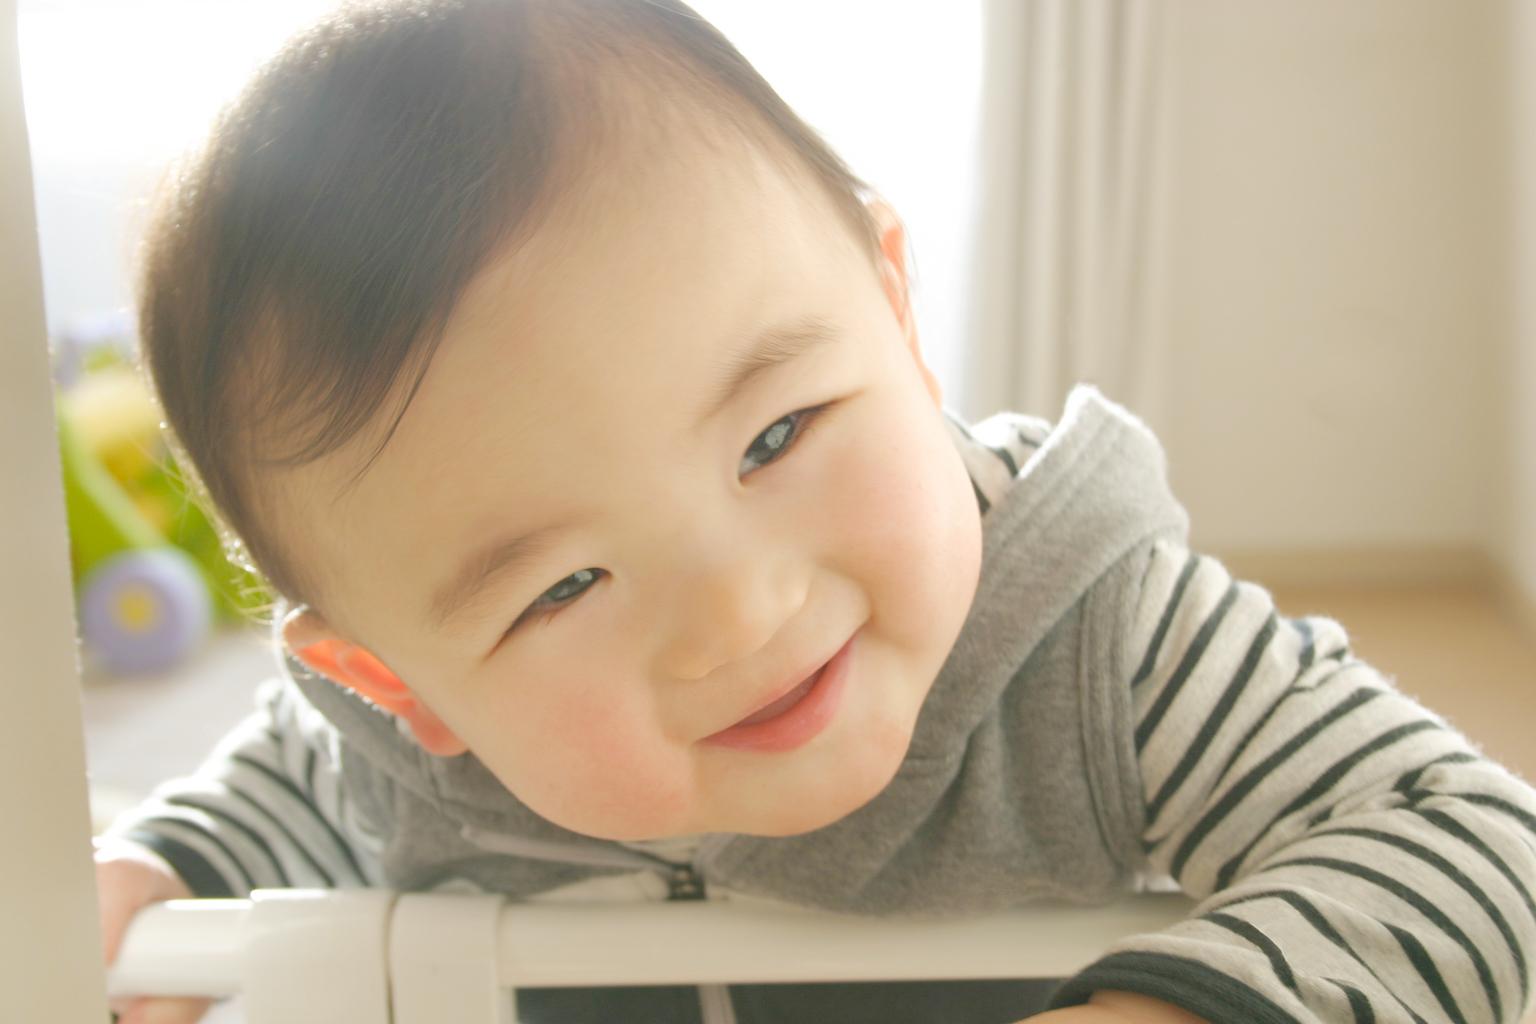 ニコニコ顔の赤ちゃん